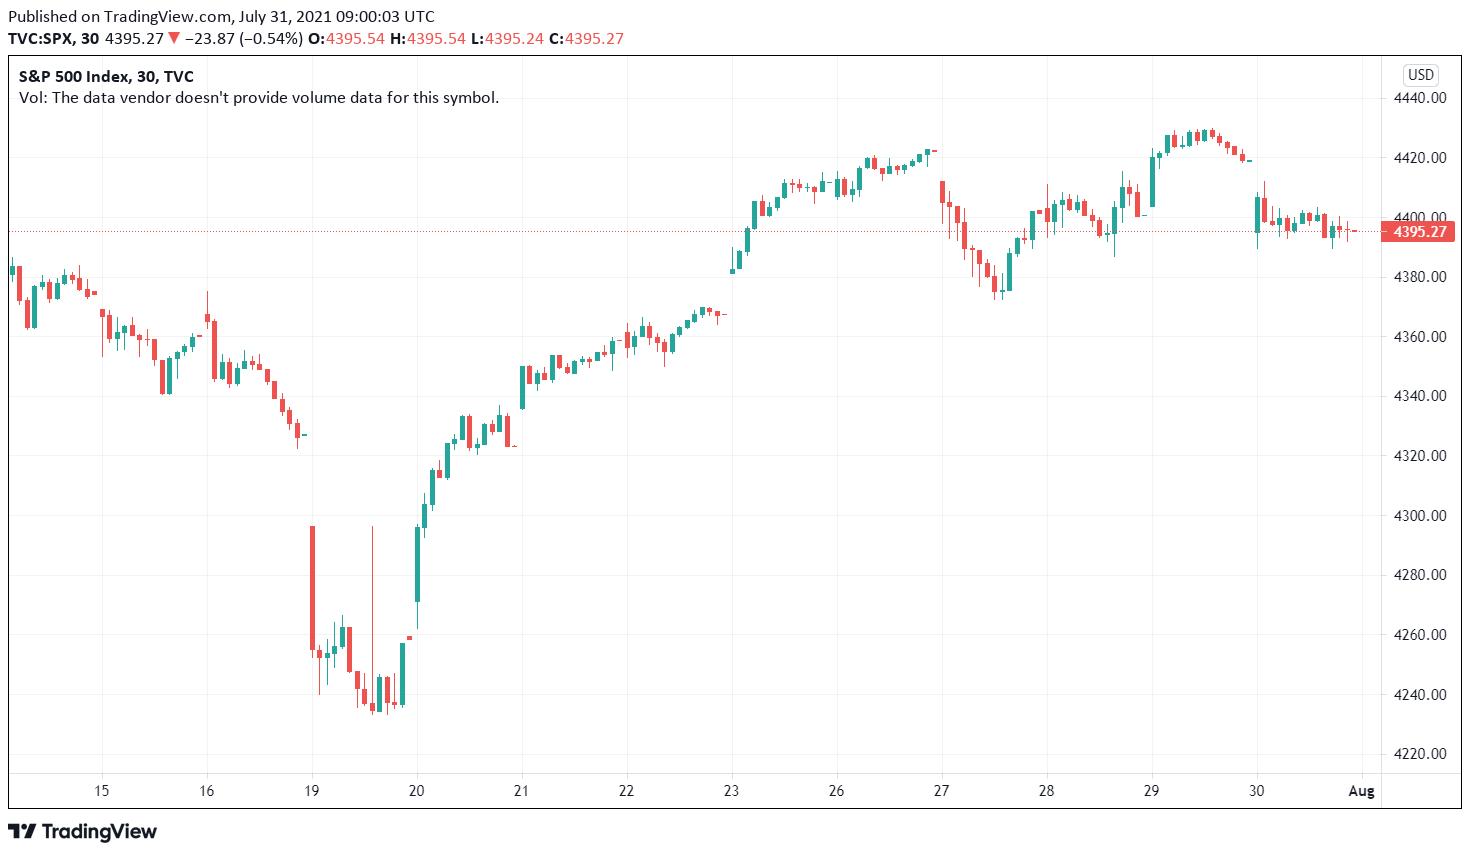 SPX tradingview